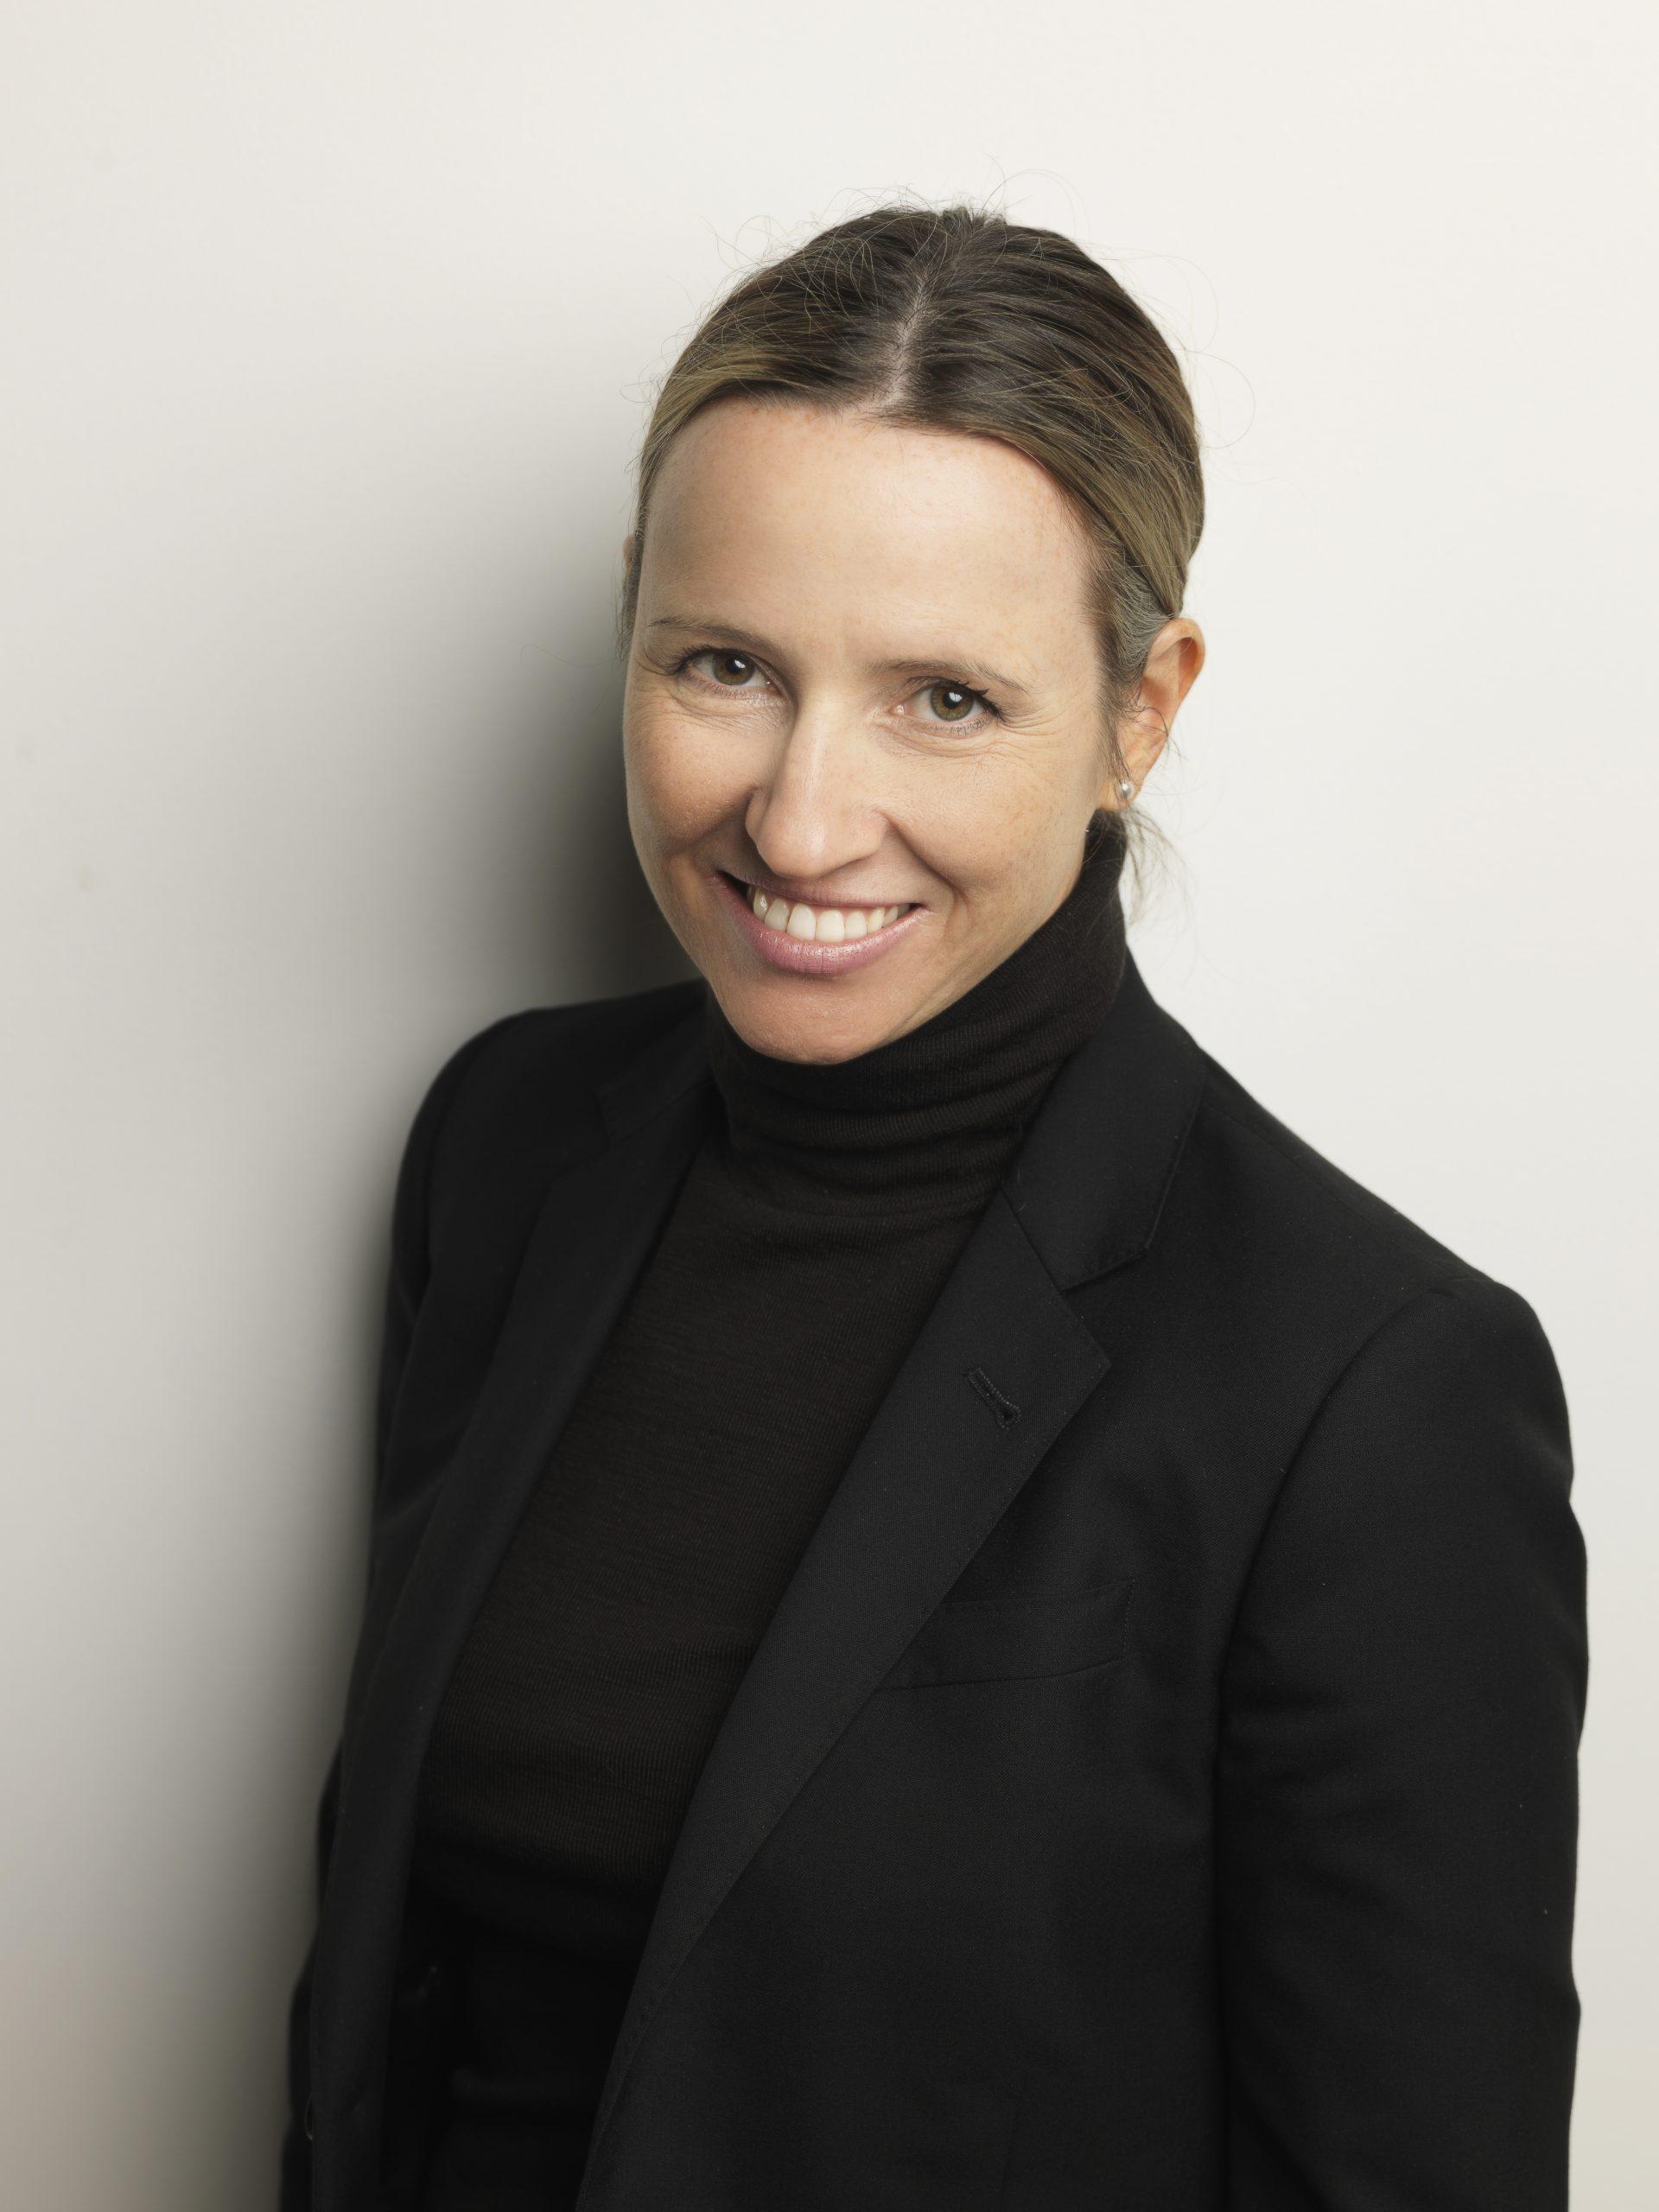 Anne-Marie Moir